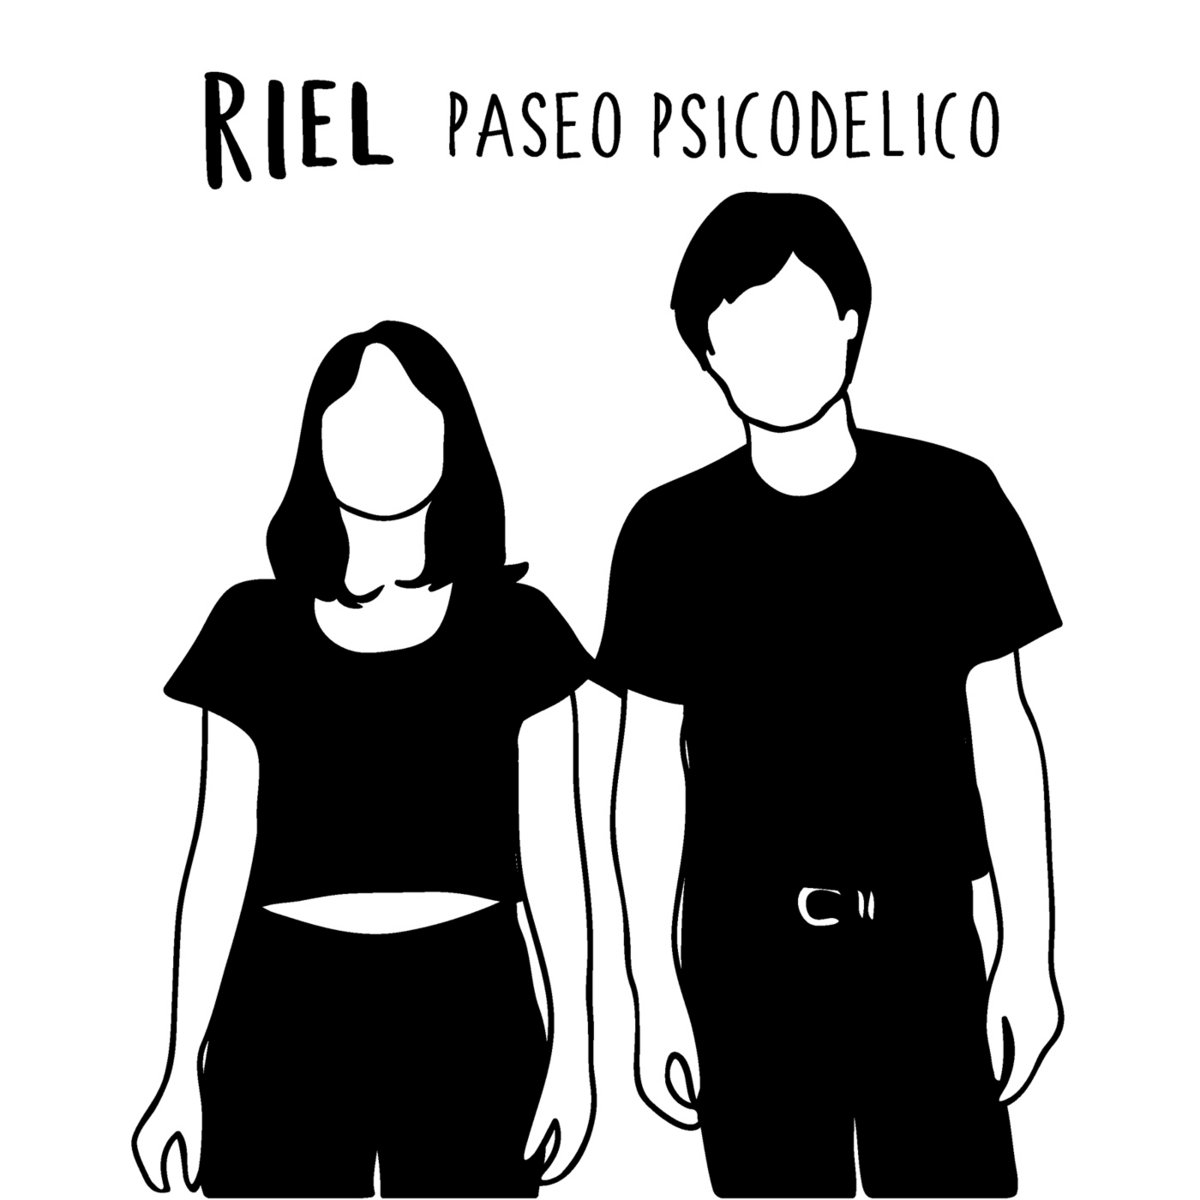 """Résultat de recherche d'images pour """"riel paseo psicodelico"""""""